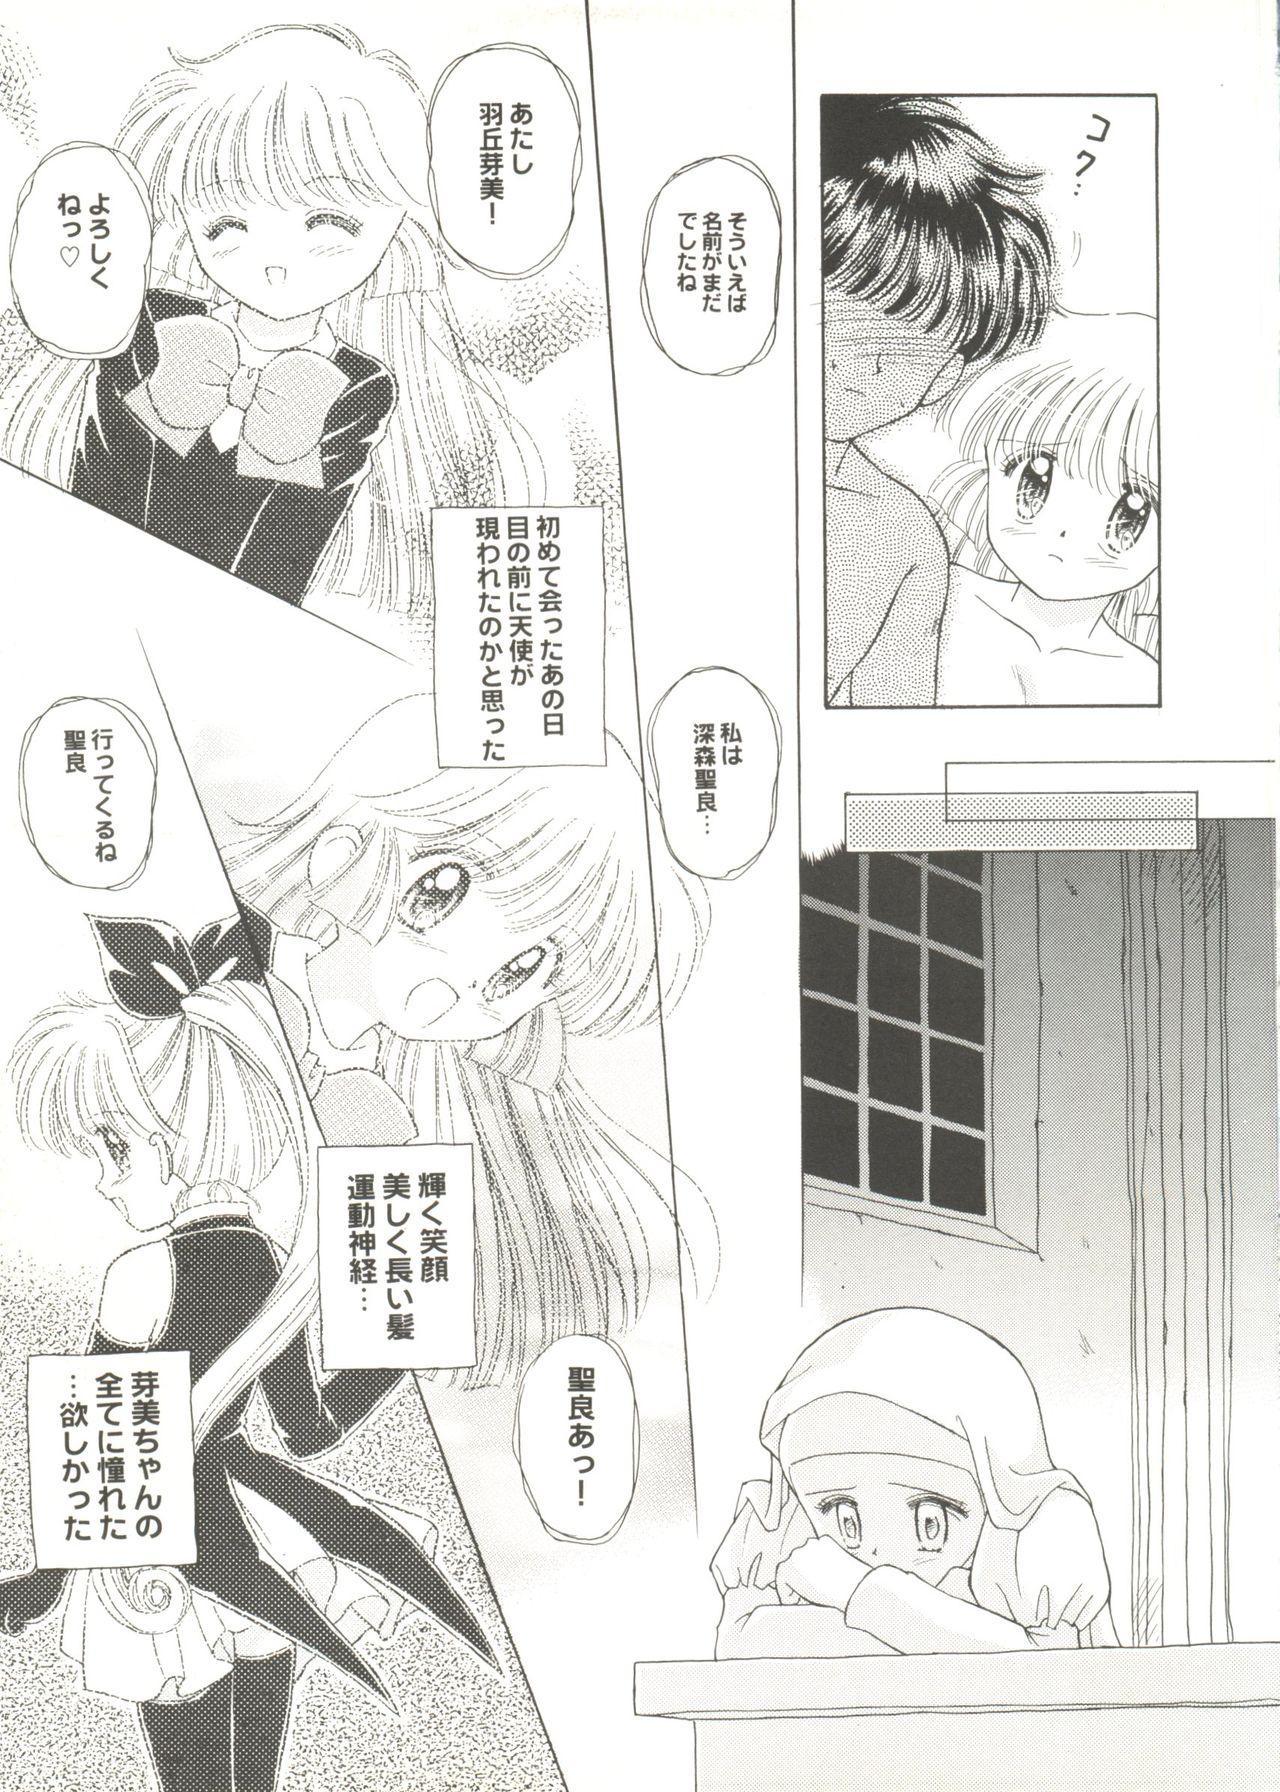 Doujin Anthology Bishoujo a La Carte 1 46